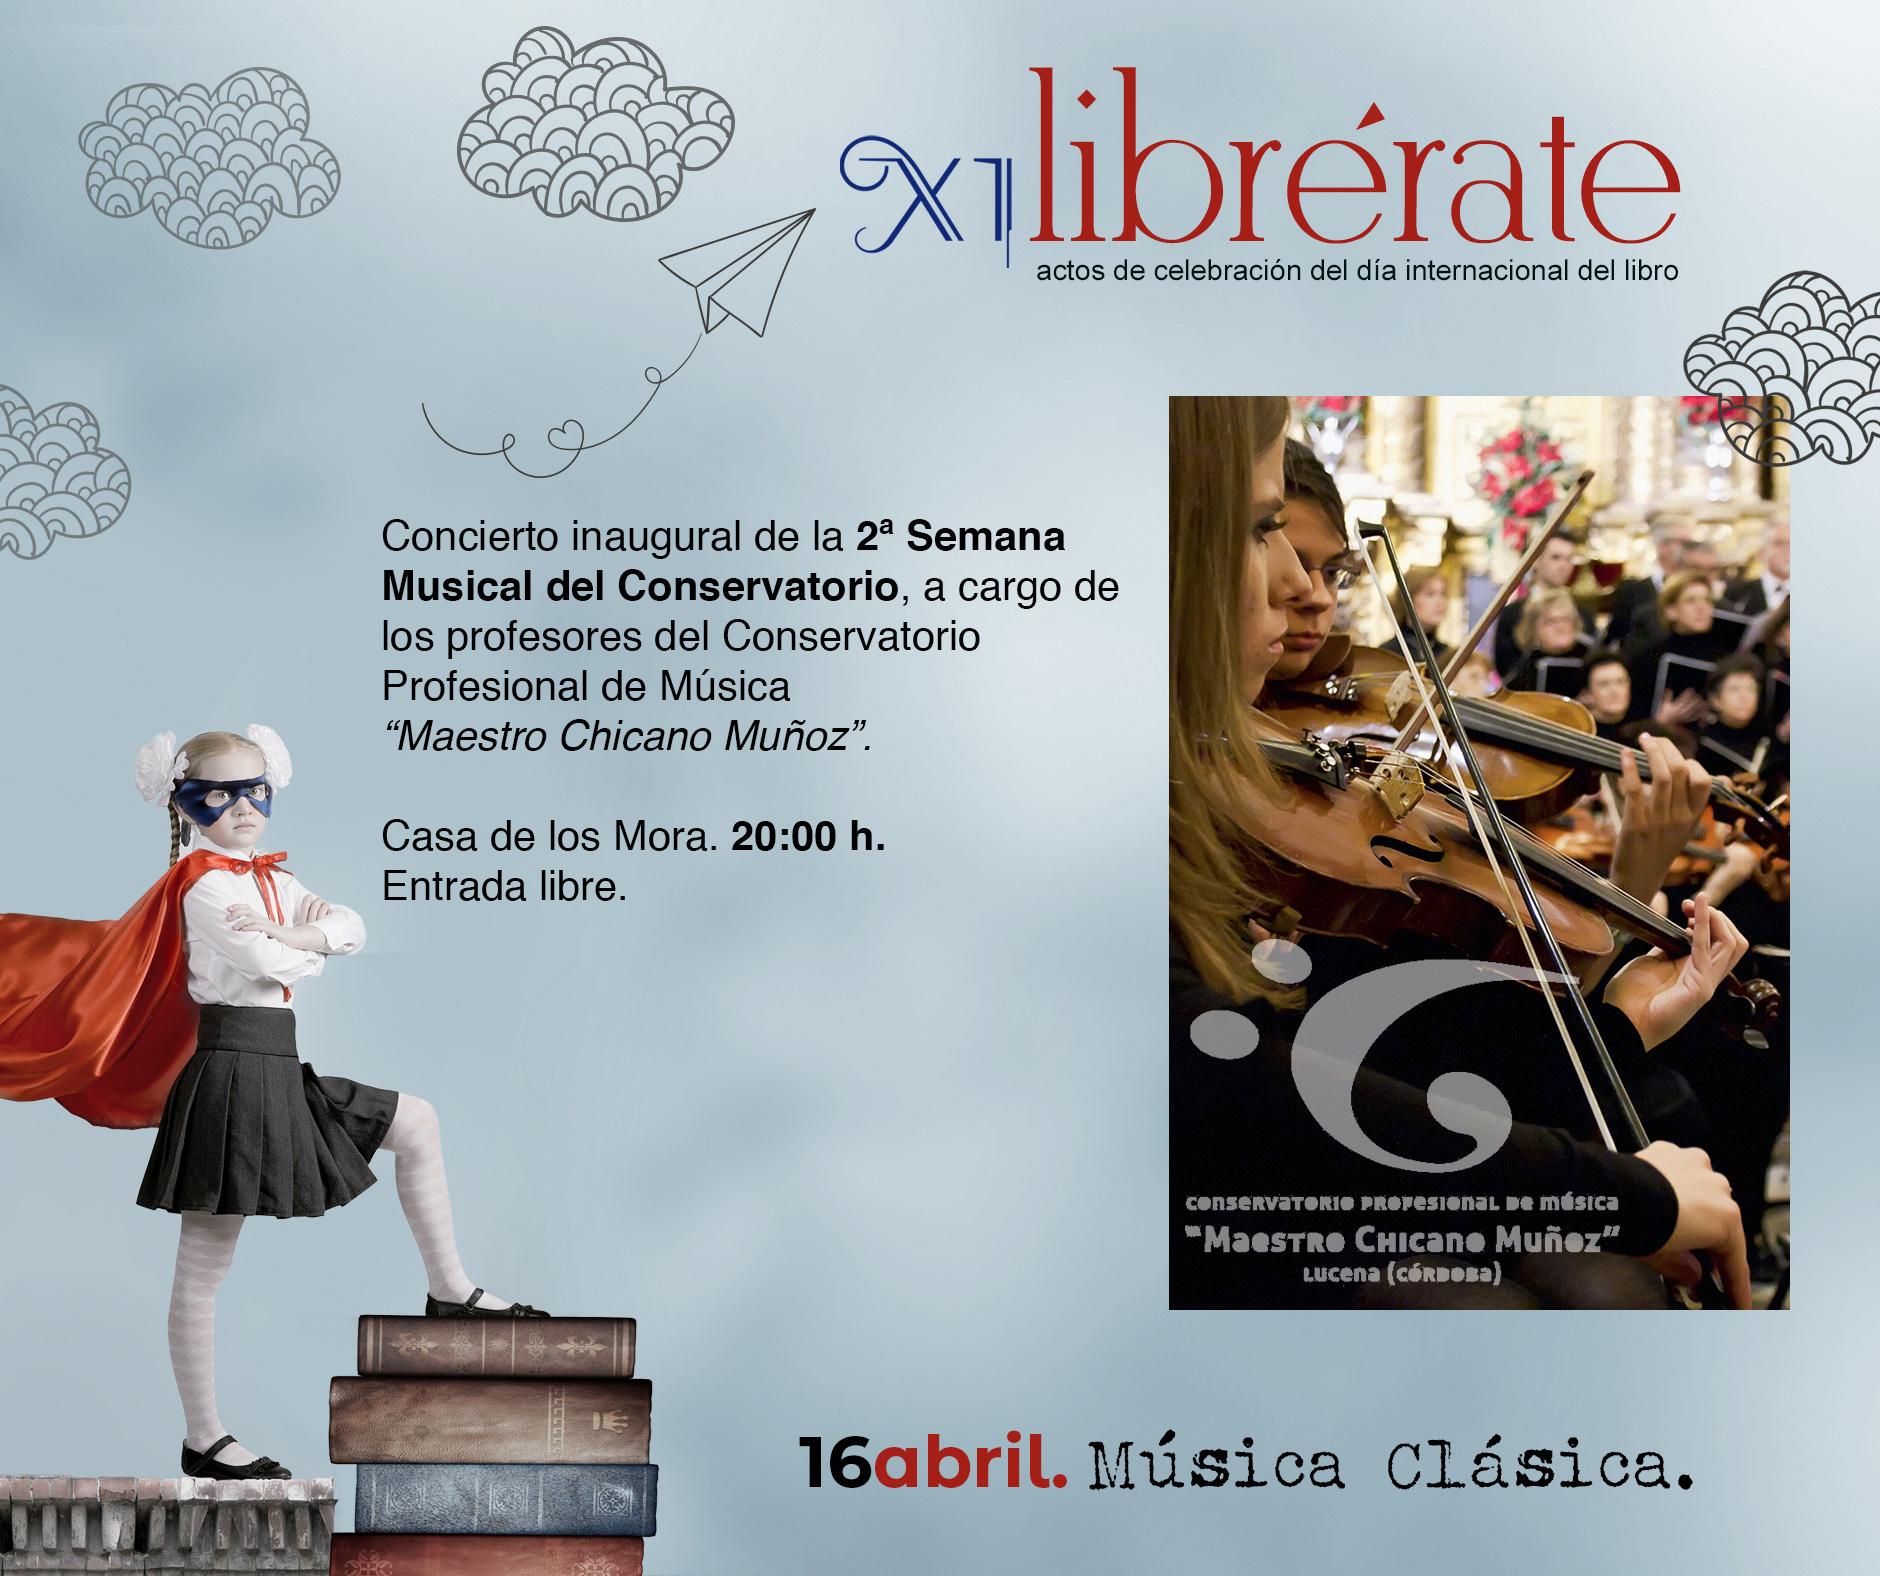 Concierto inaugural 2ª Semana Muiscal del Conservatorio